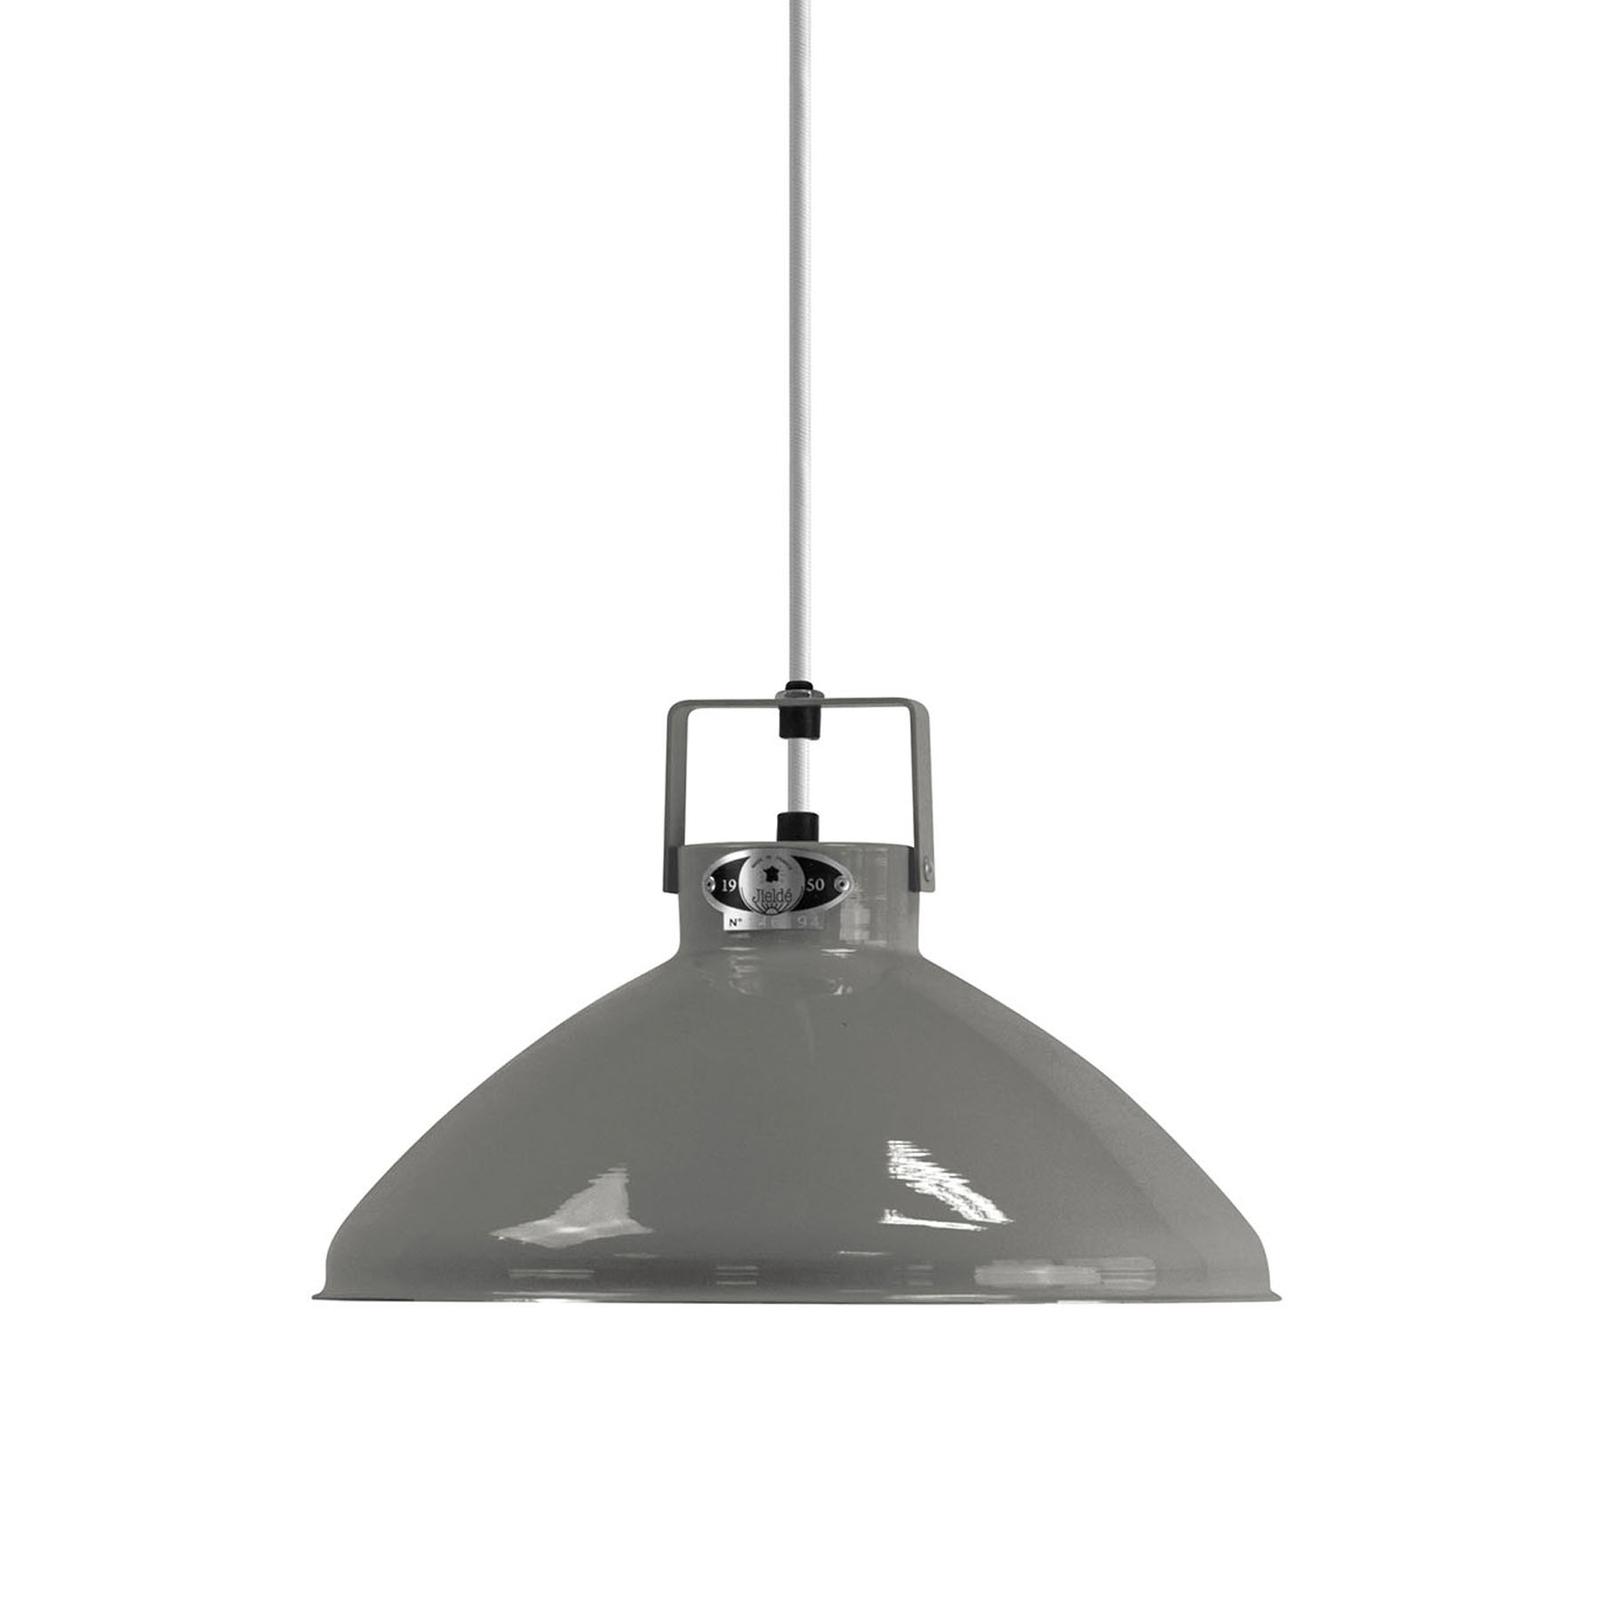 Jieldé Beaumont B240 lampa wisząca szara lśniąca